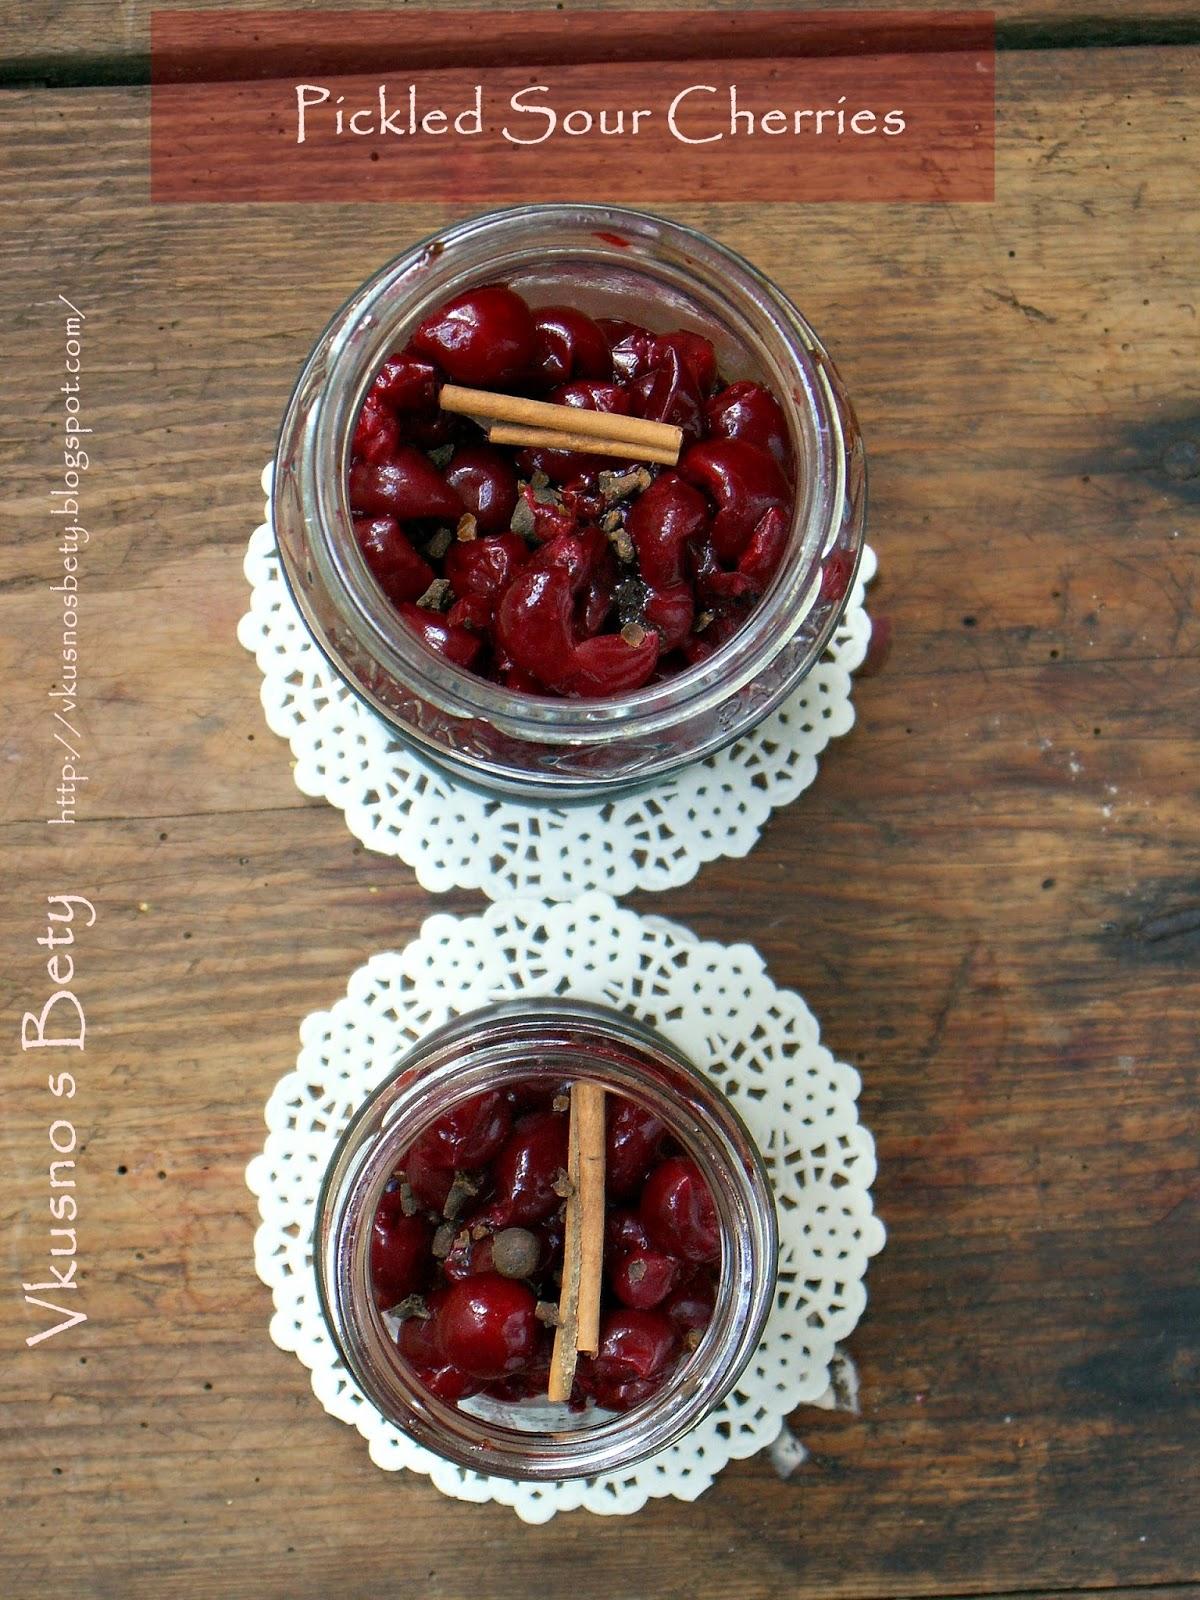 Вкусно с Бети: Туршия от вишни - Pickled Sour Cherries